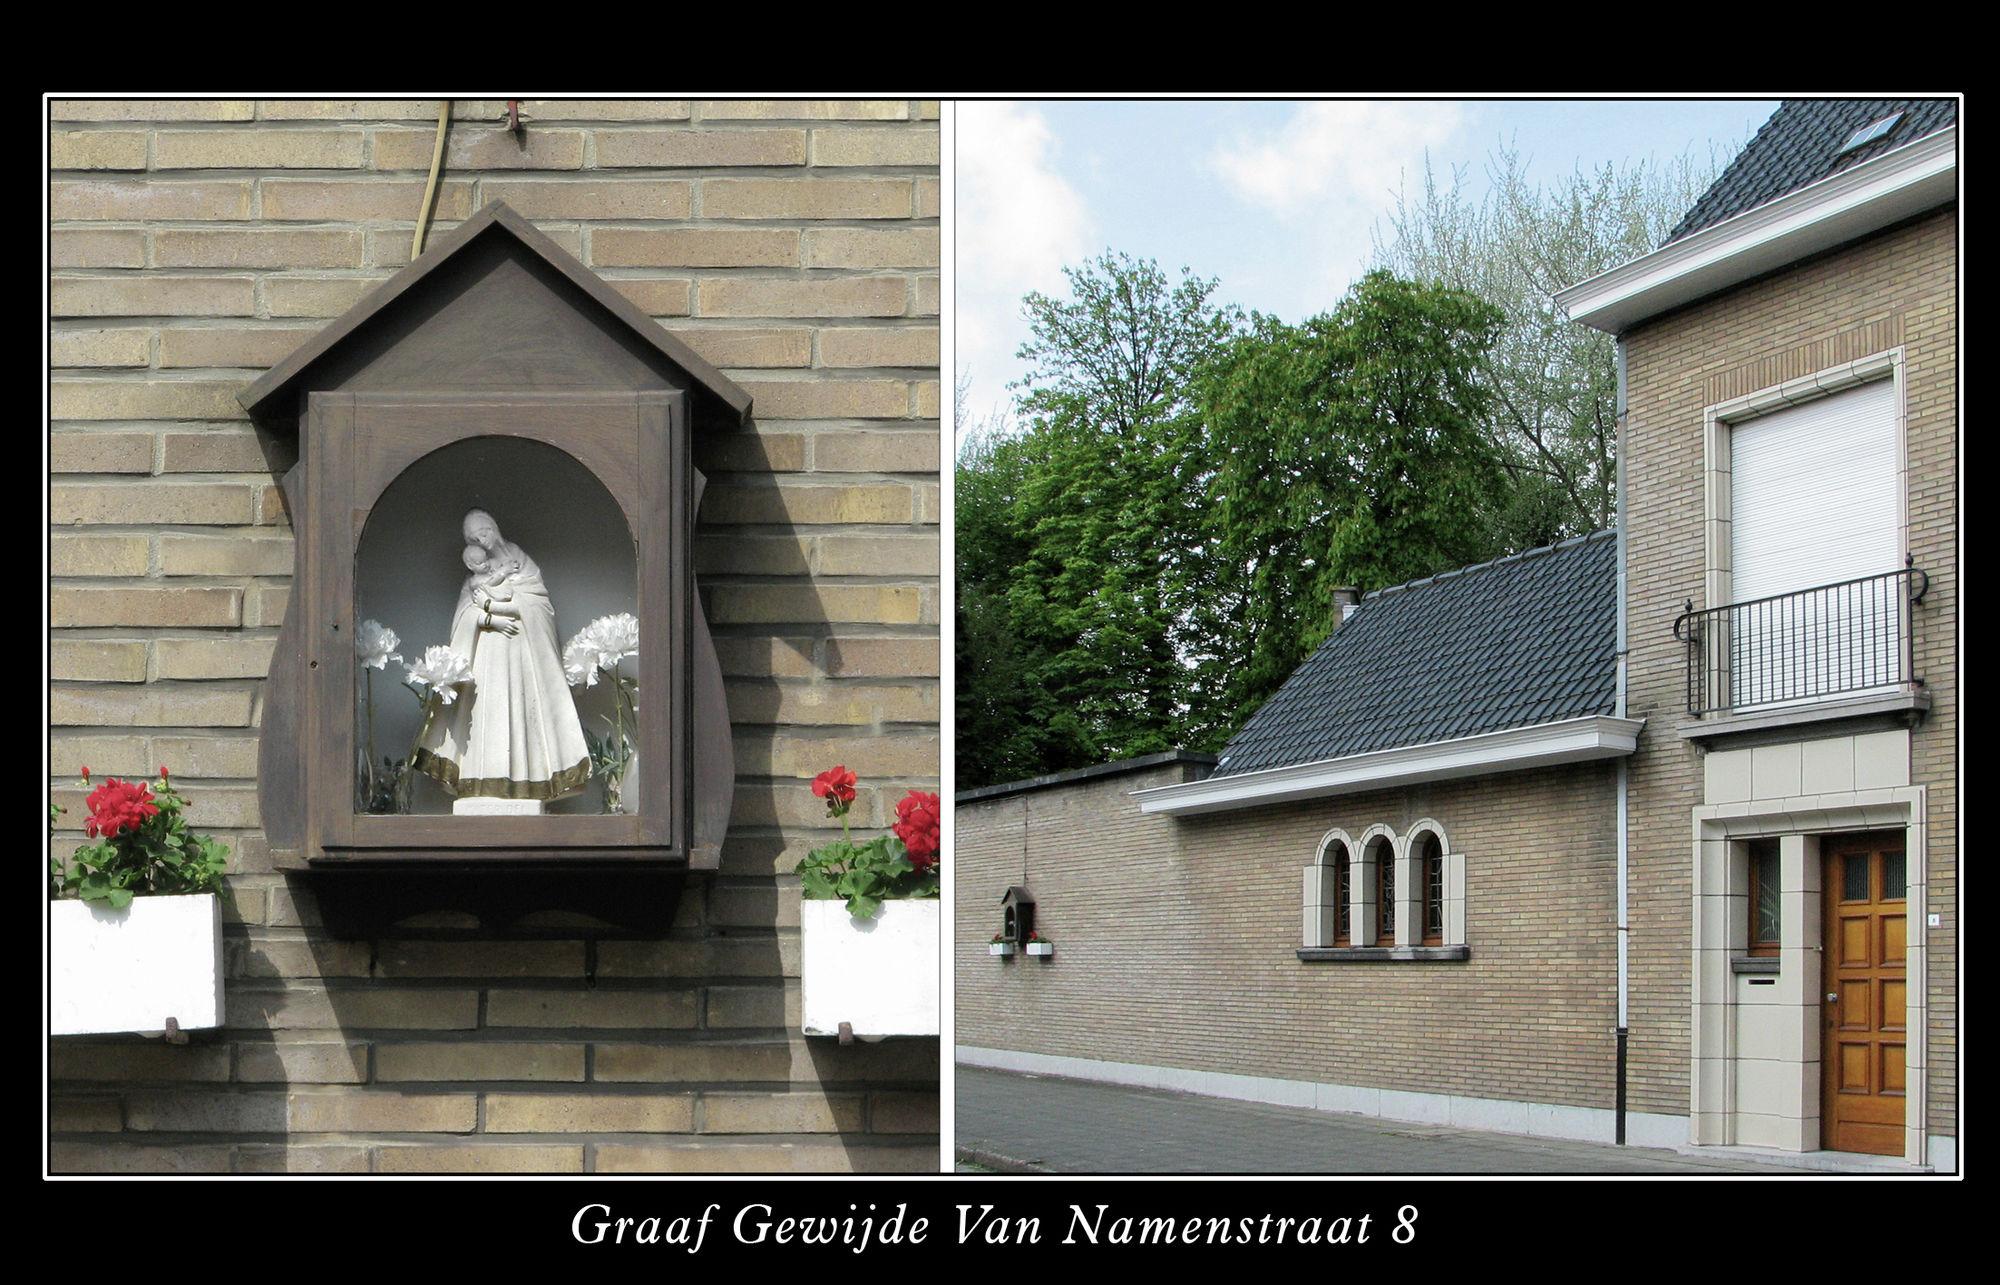 Muurkapel Graaf Gwijde Van Namenstraat